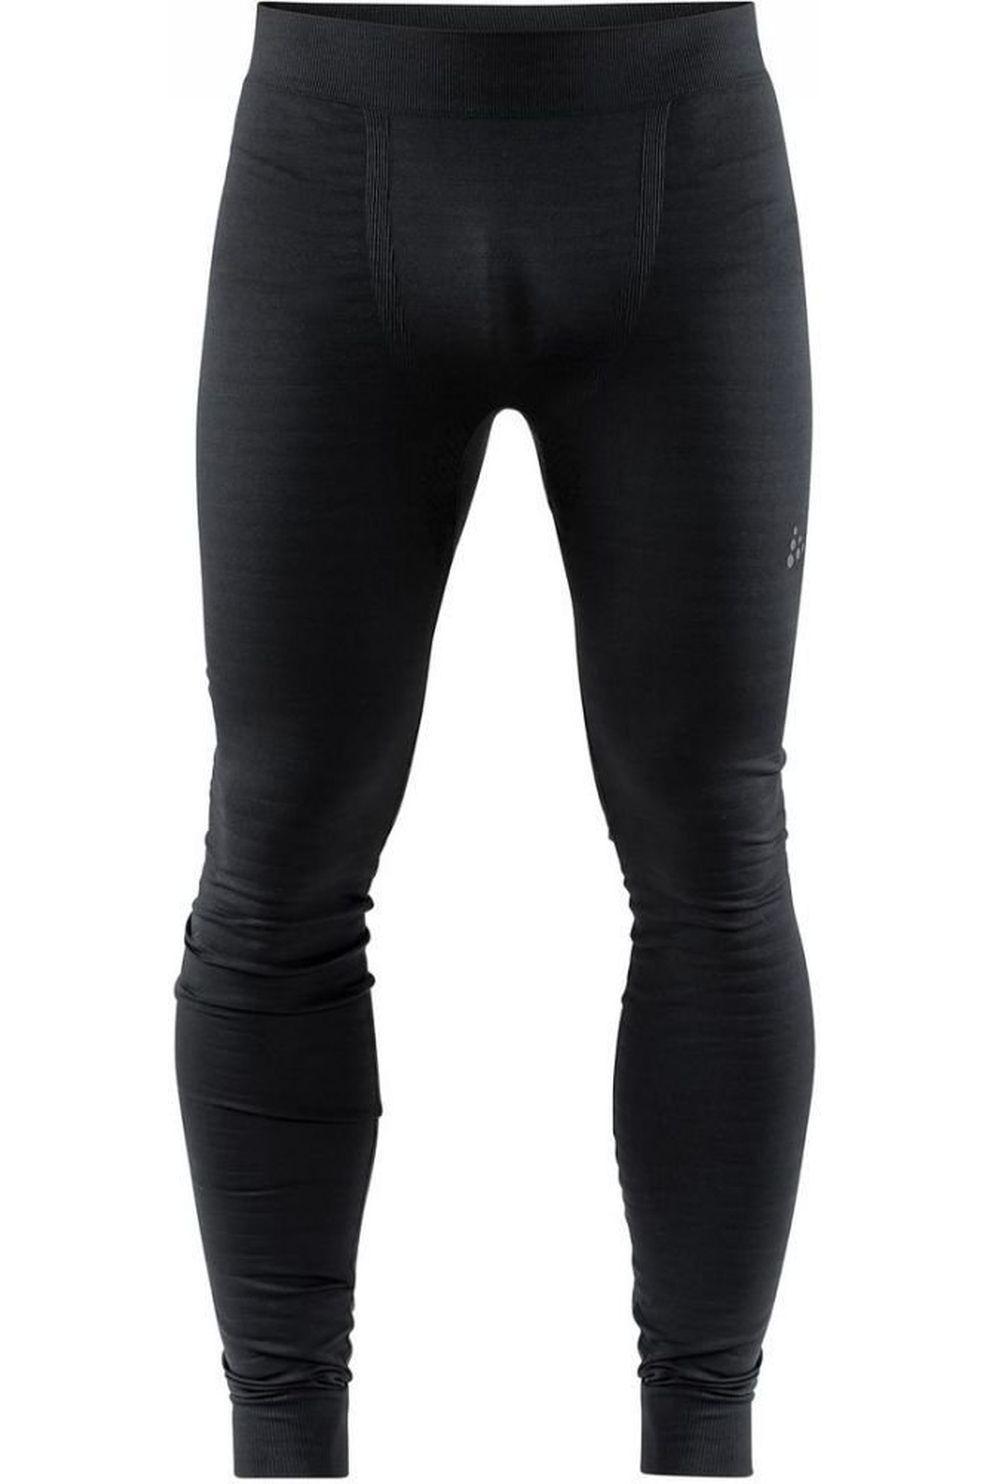 Craft Ondergoed Warm Comfort voor heren - Zwart - Maten: S, M, L, XL